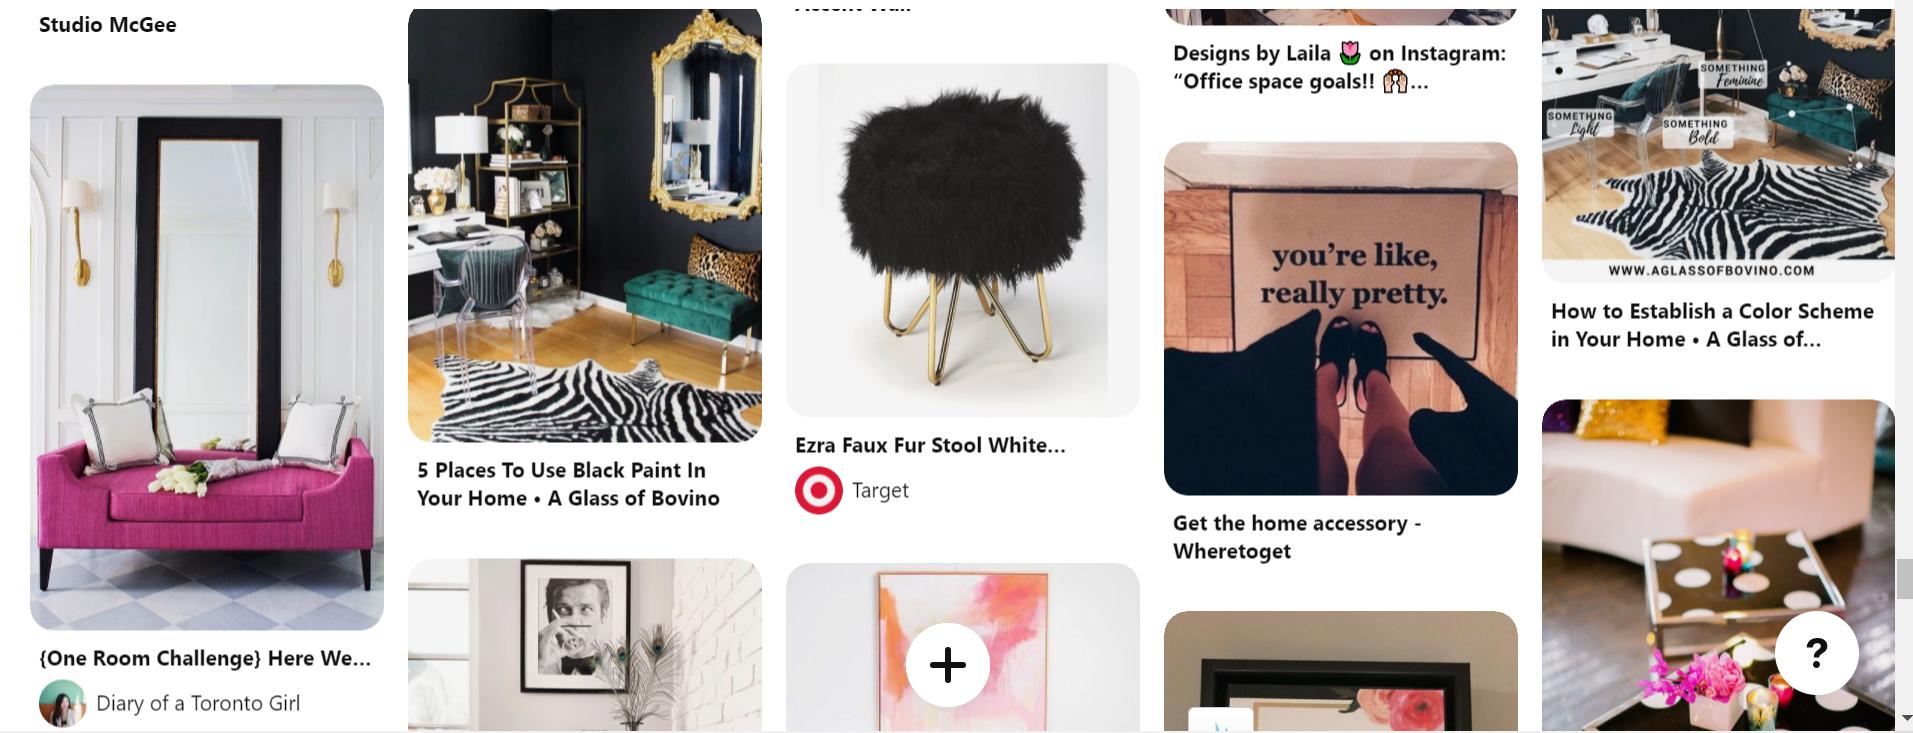 Home Office Pinterest Board